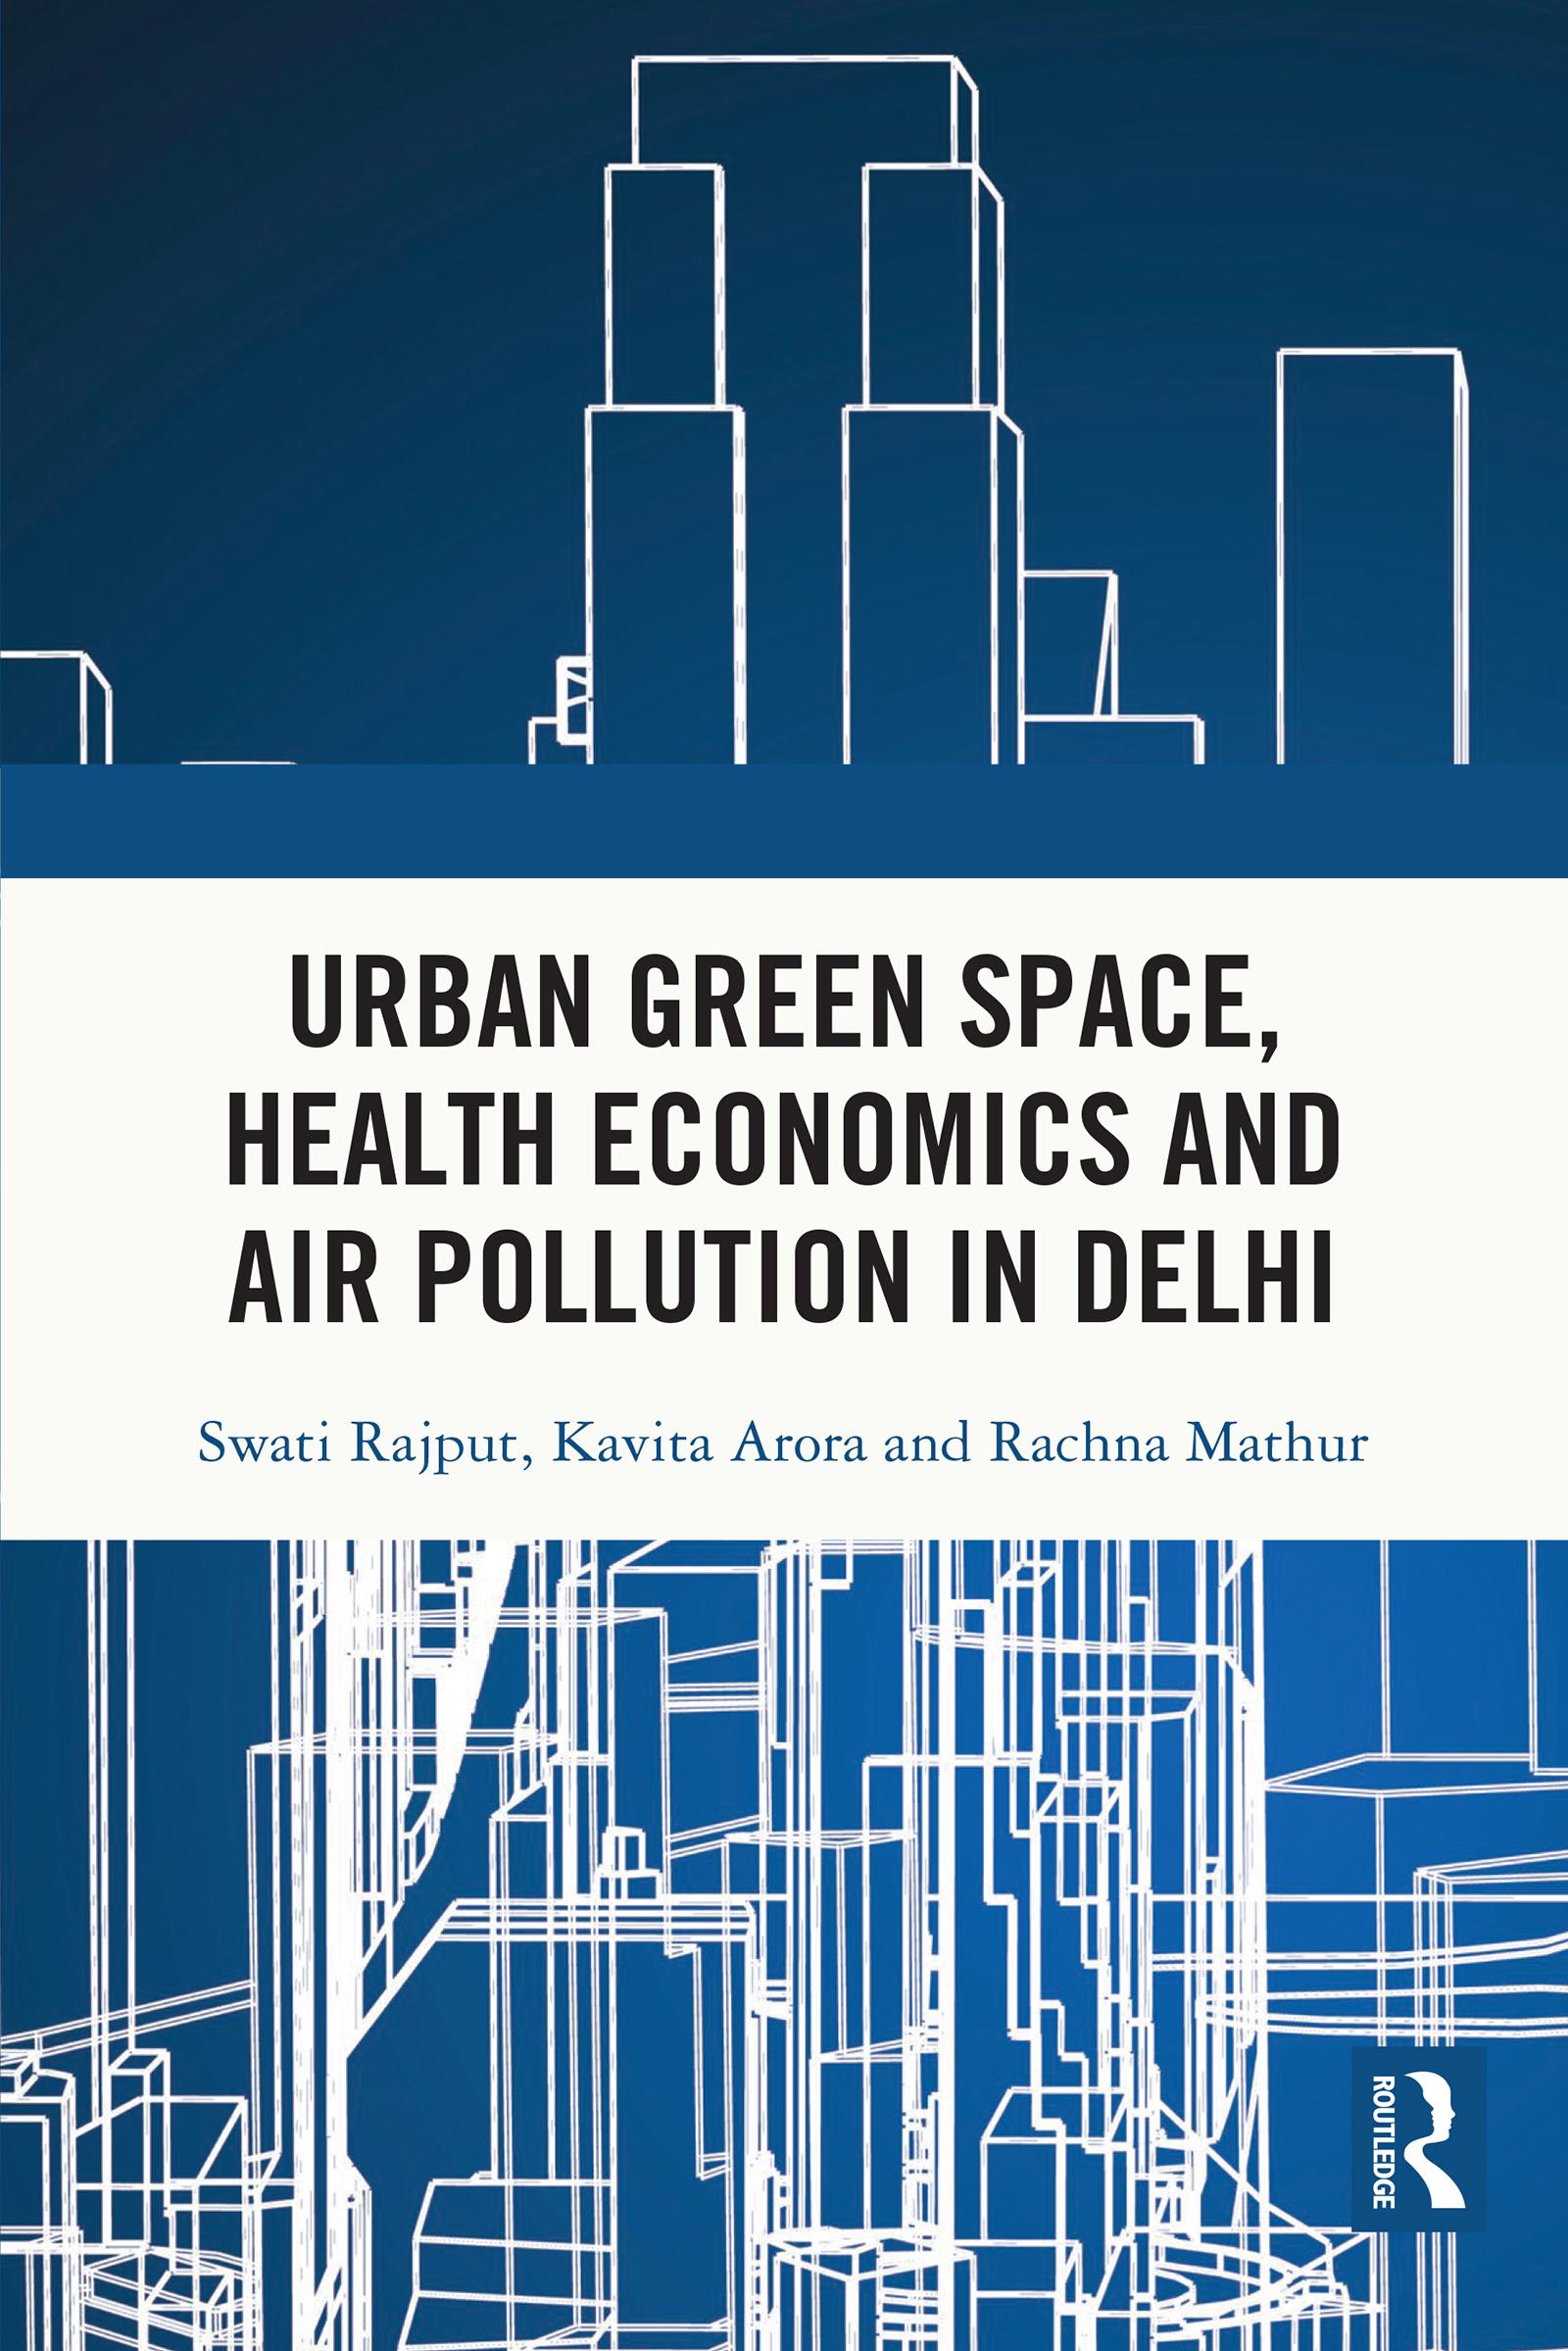 Green spaces of Delhi